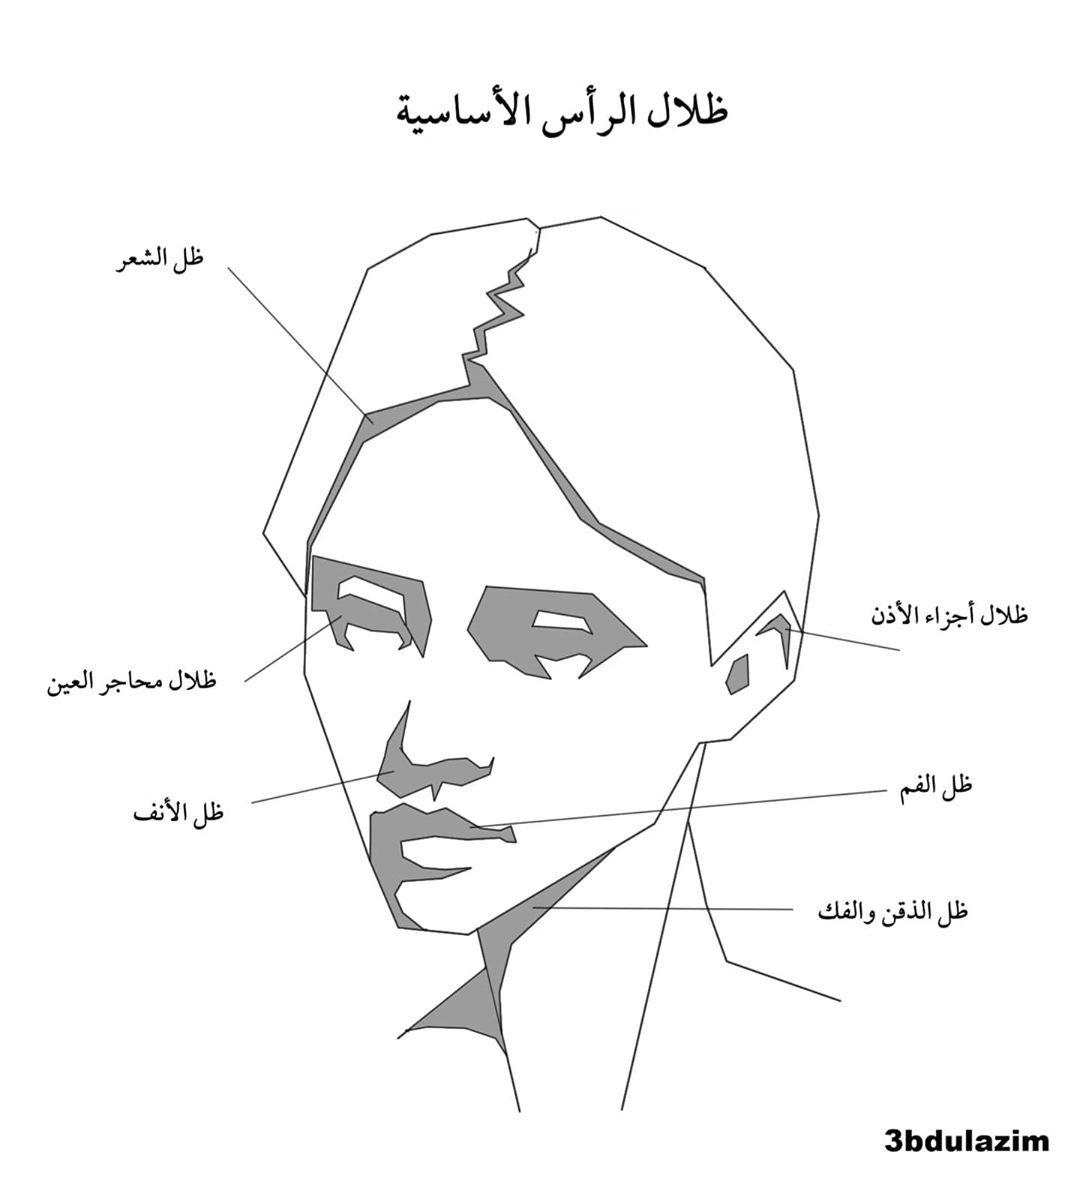 خطوات رسم الاذن بالفحم In 2021 Drawing Heads Instagram Instagram Photo